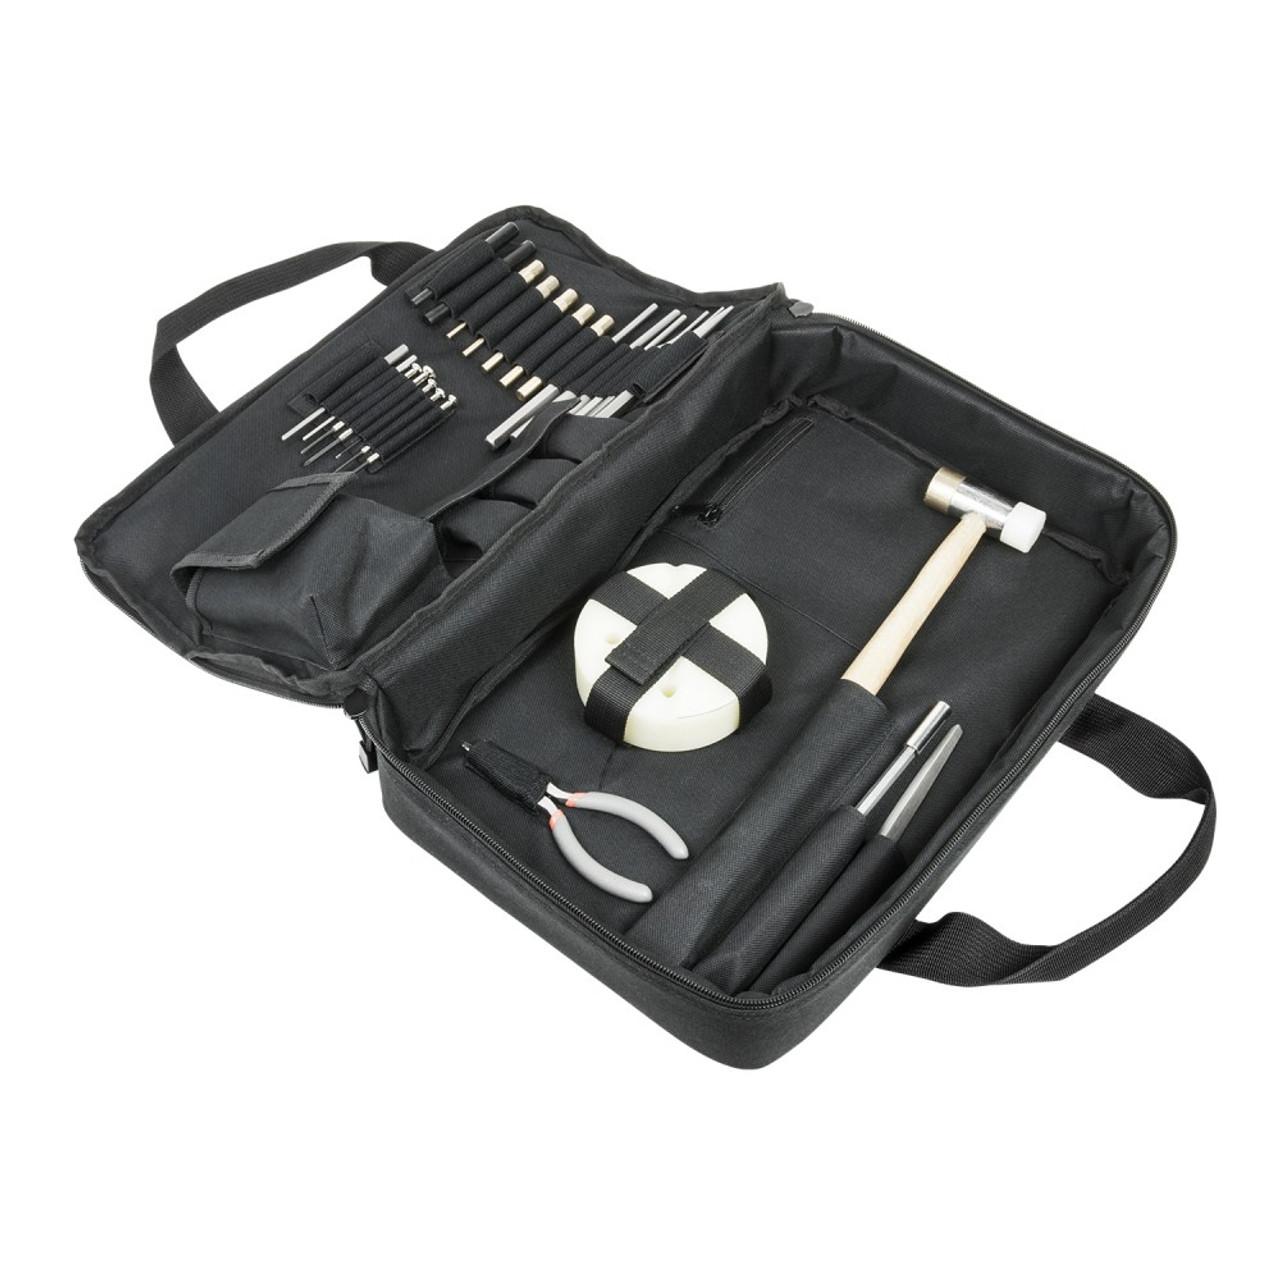 NcStar Essential Gunsmithing Tool Kit 57 Pcs. (TGSETK)